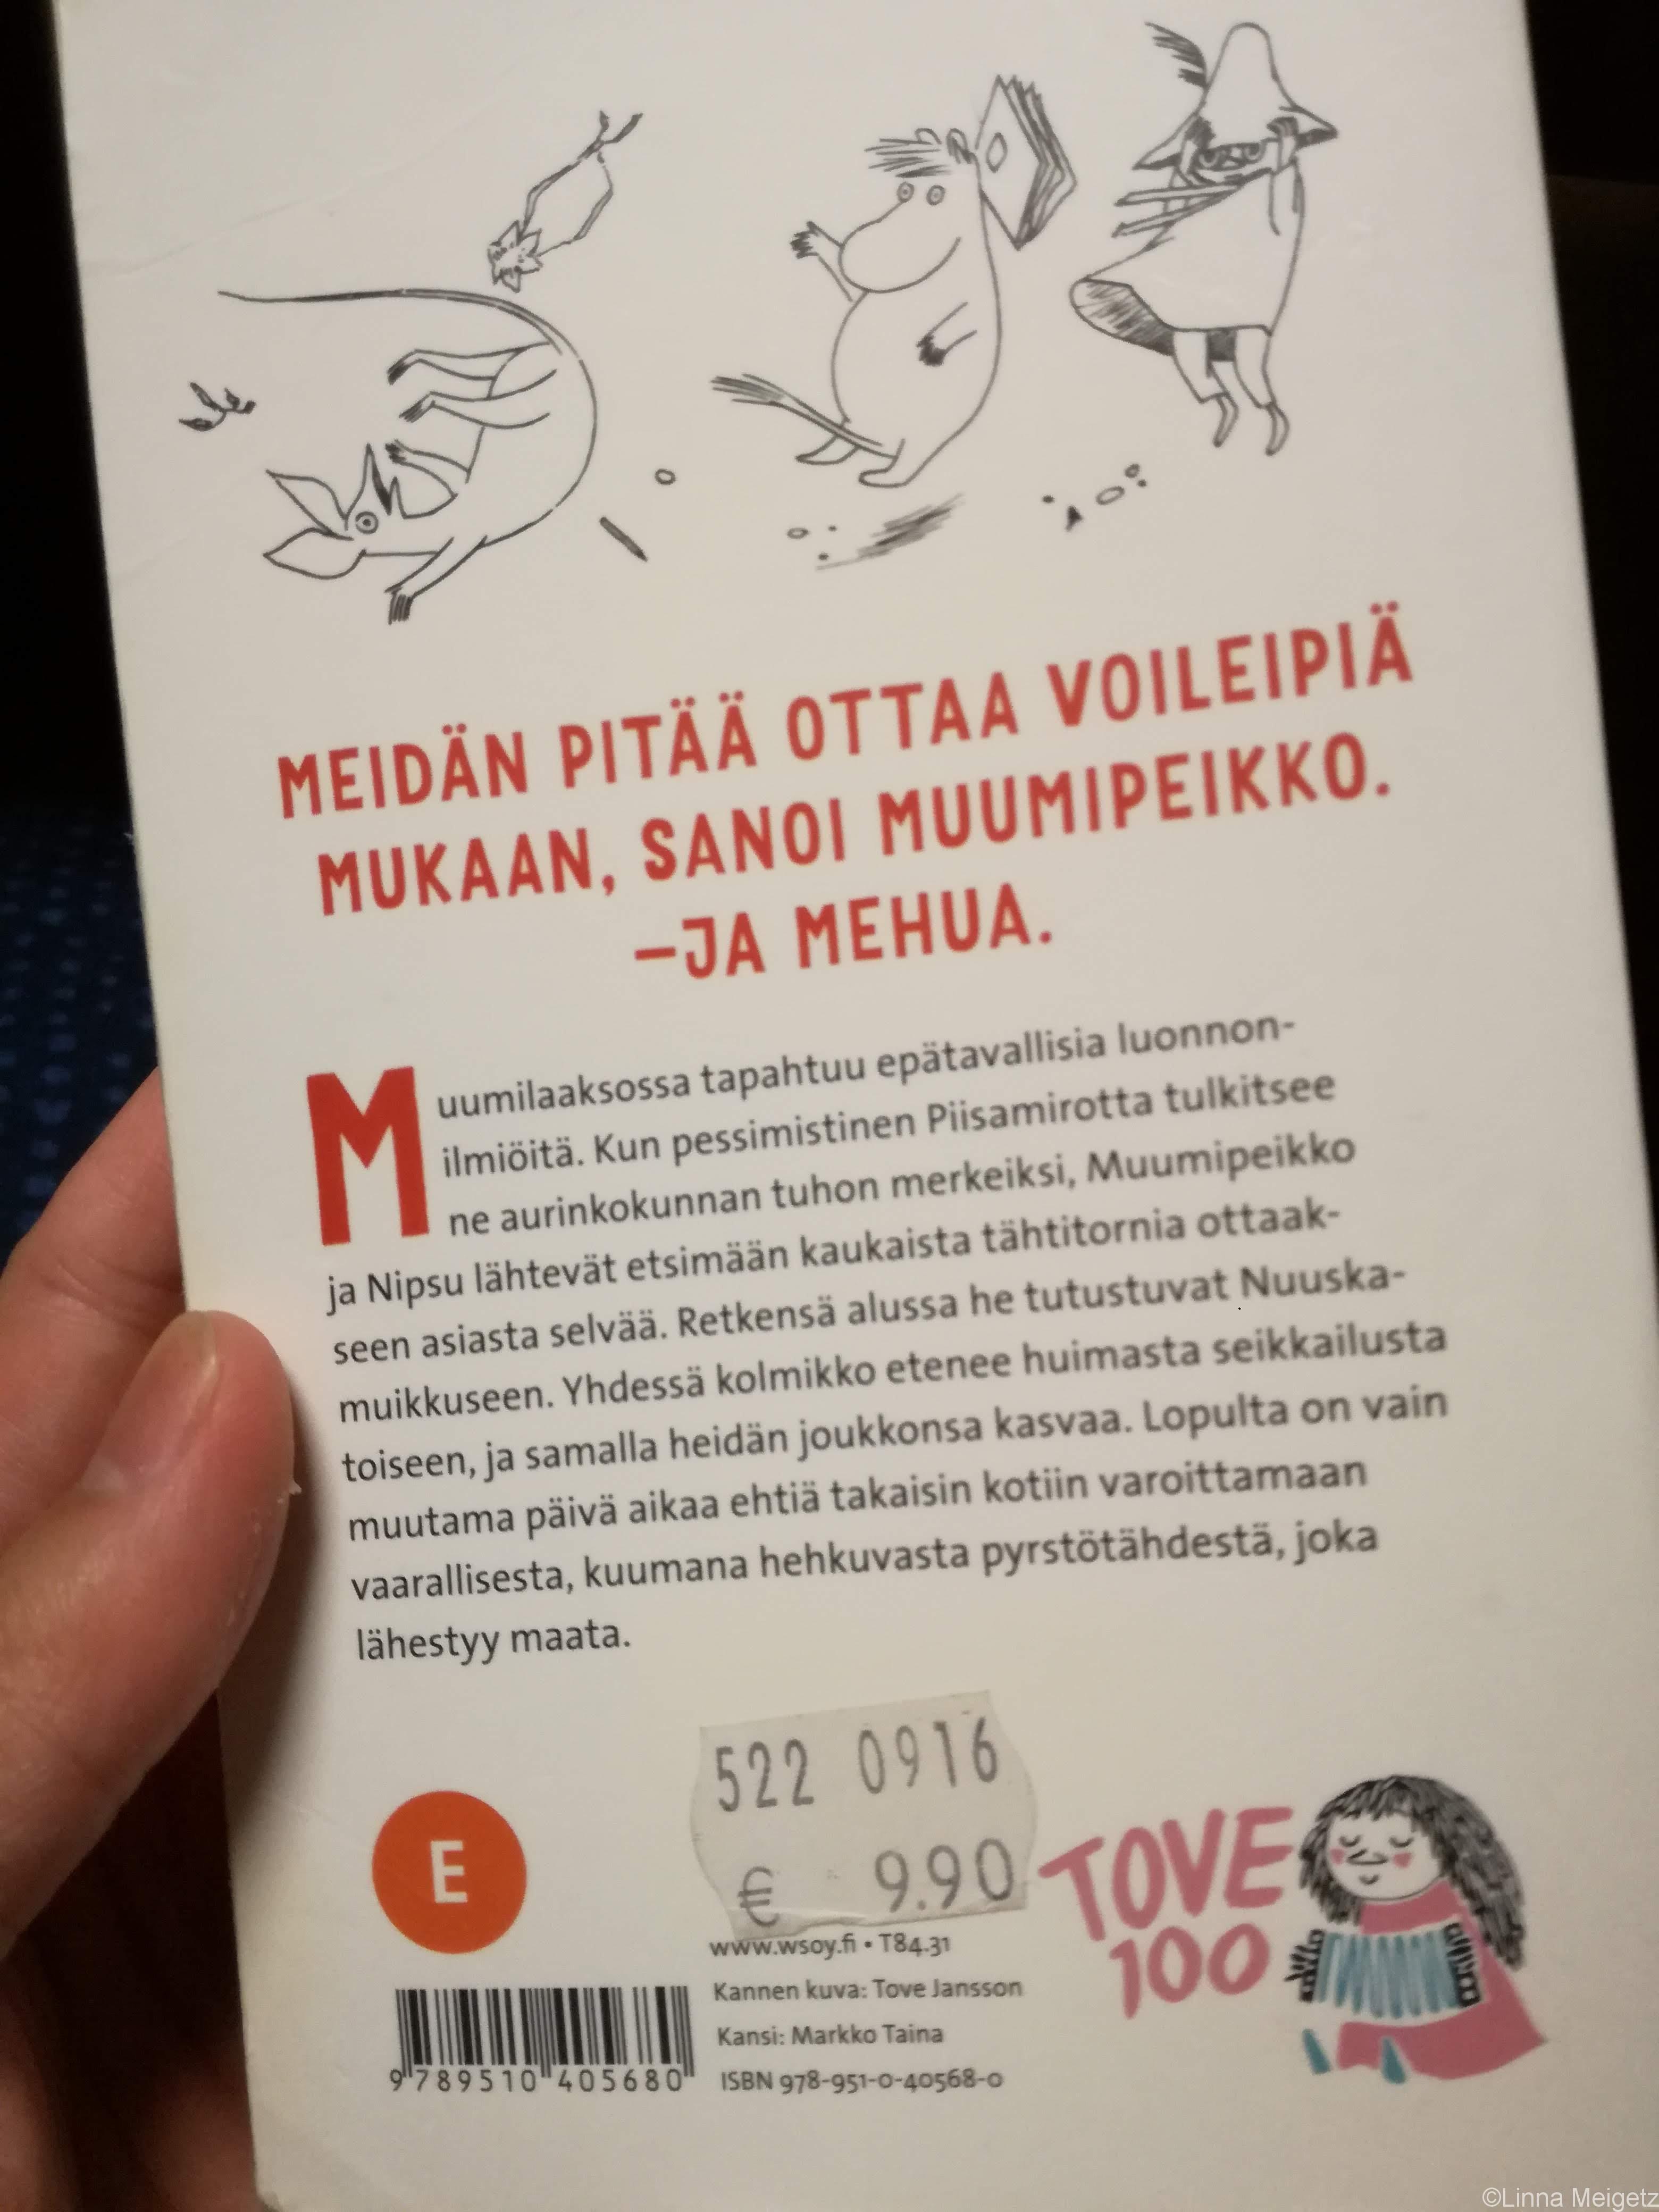 『ムーミン谷の彗星』フィンランド語版の裏表紙